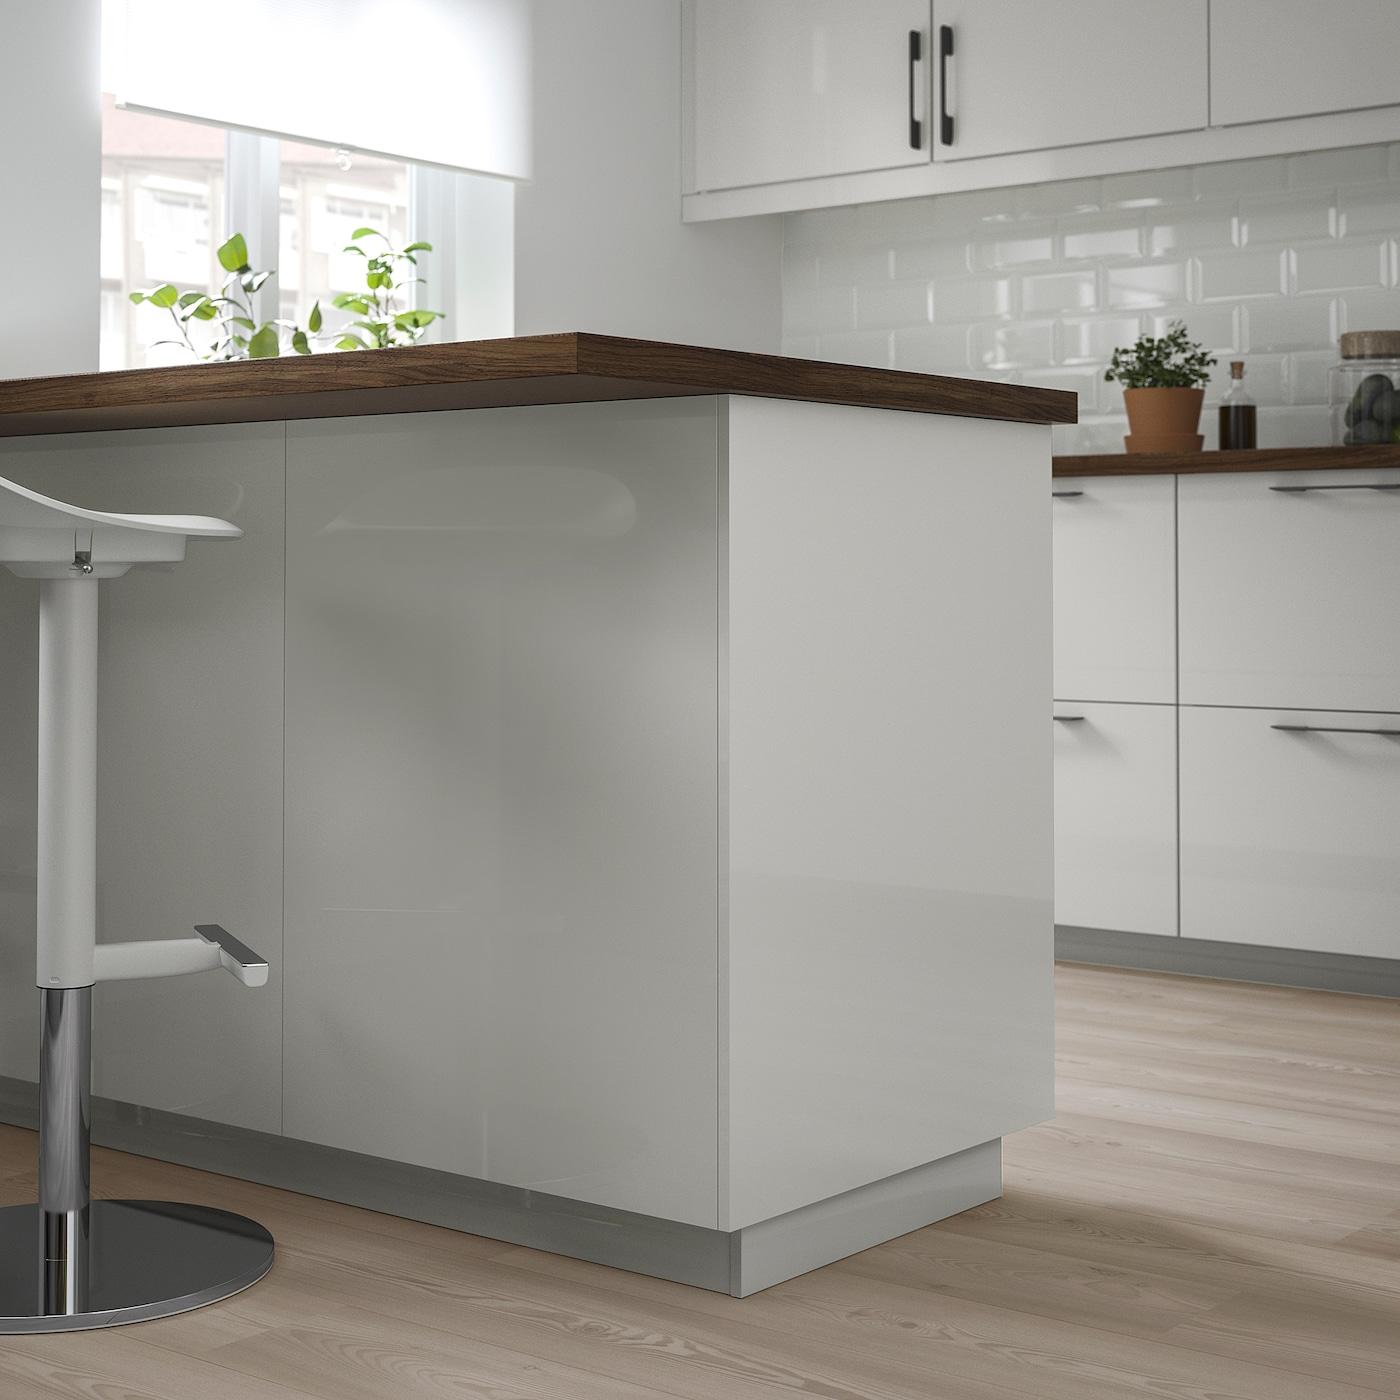 Epaisseur Caisson Cuisine Ikea ringhult panneau latéral de finition - brillant gris clair 62x220 cm